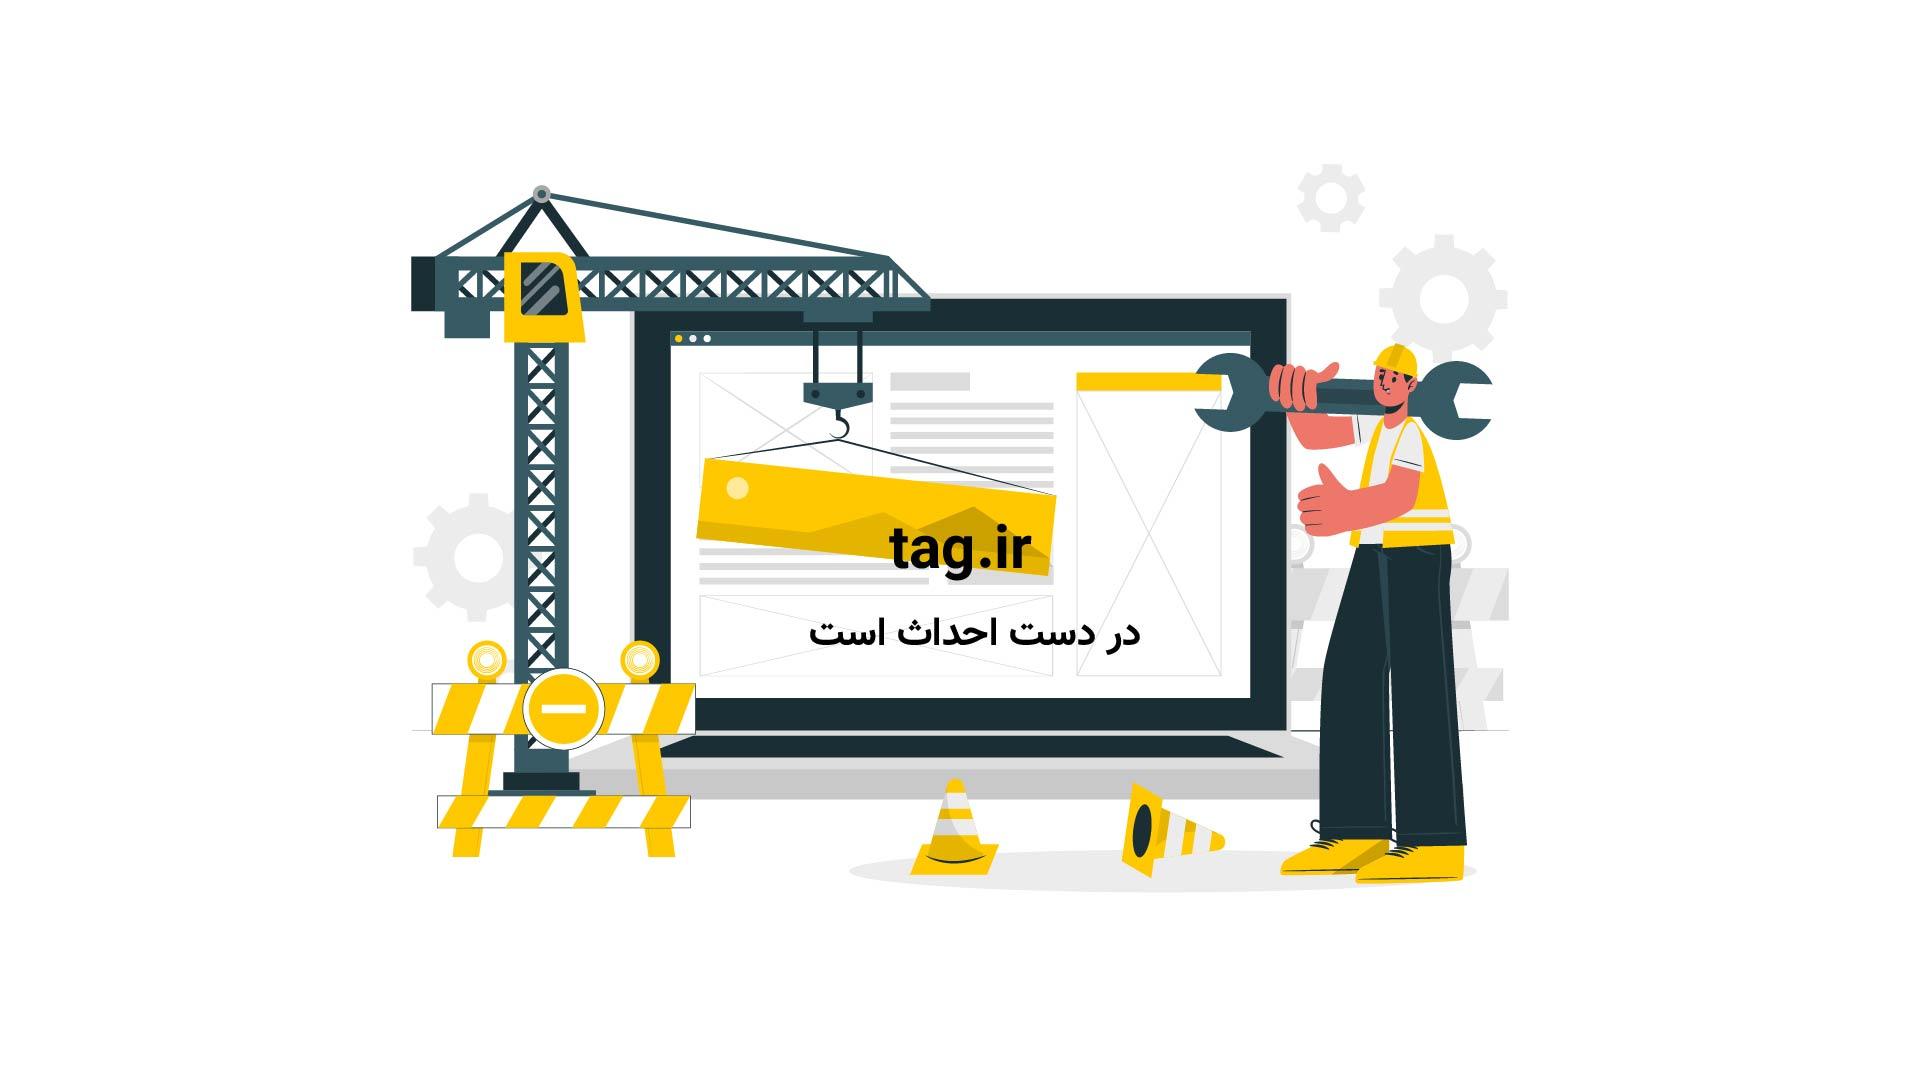 شکار سنجاب توسط شاهین | تگ